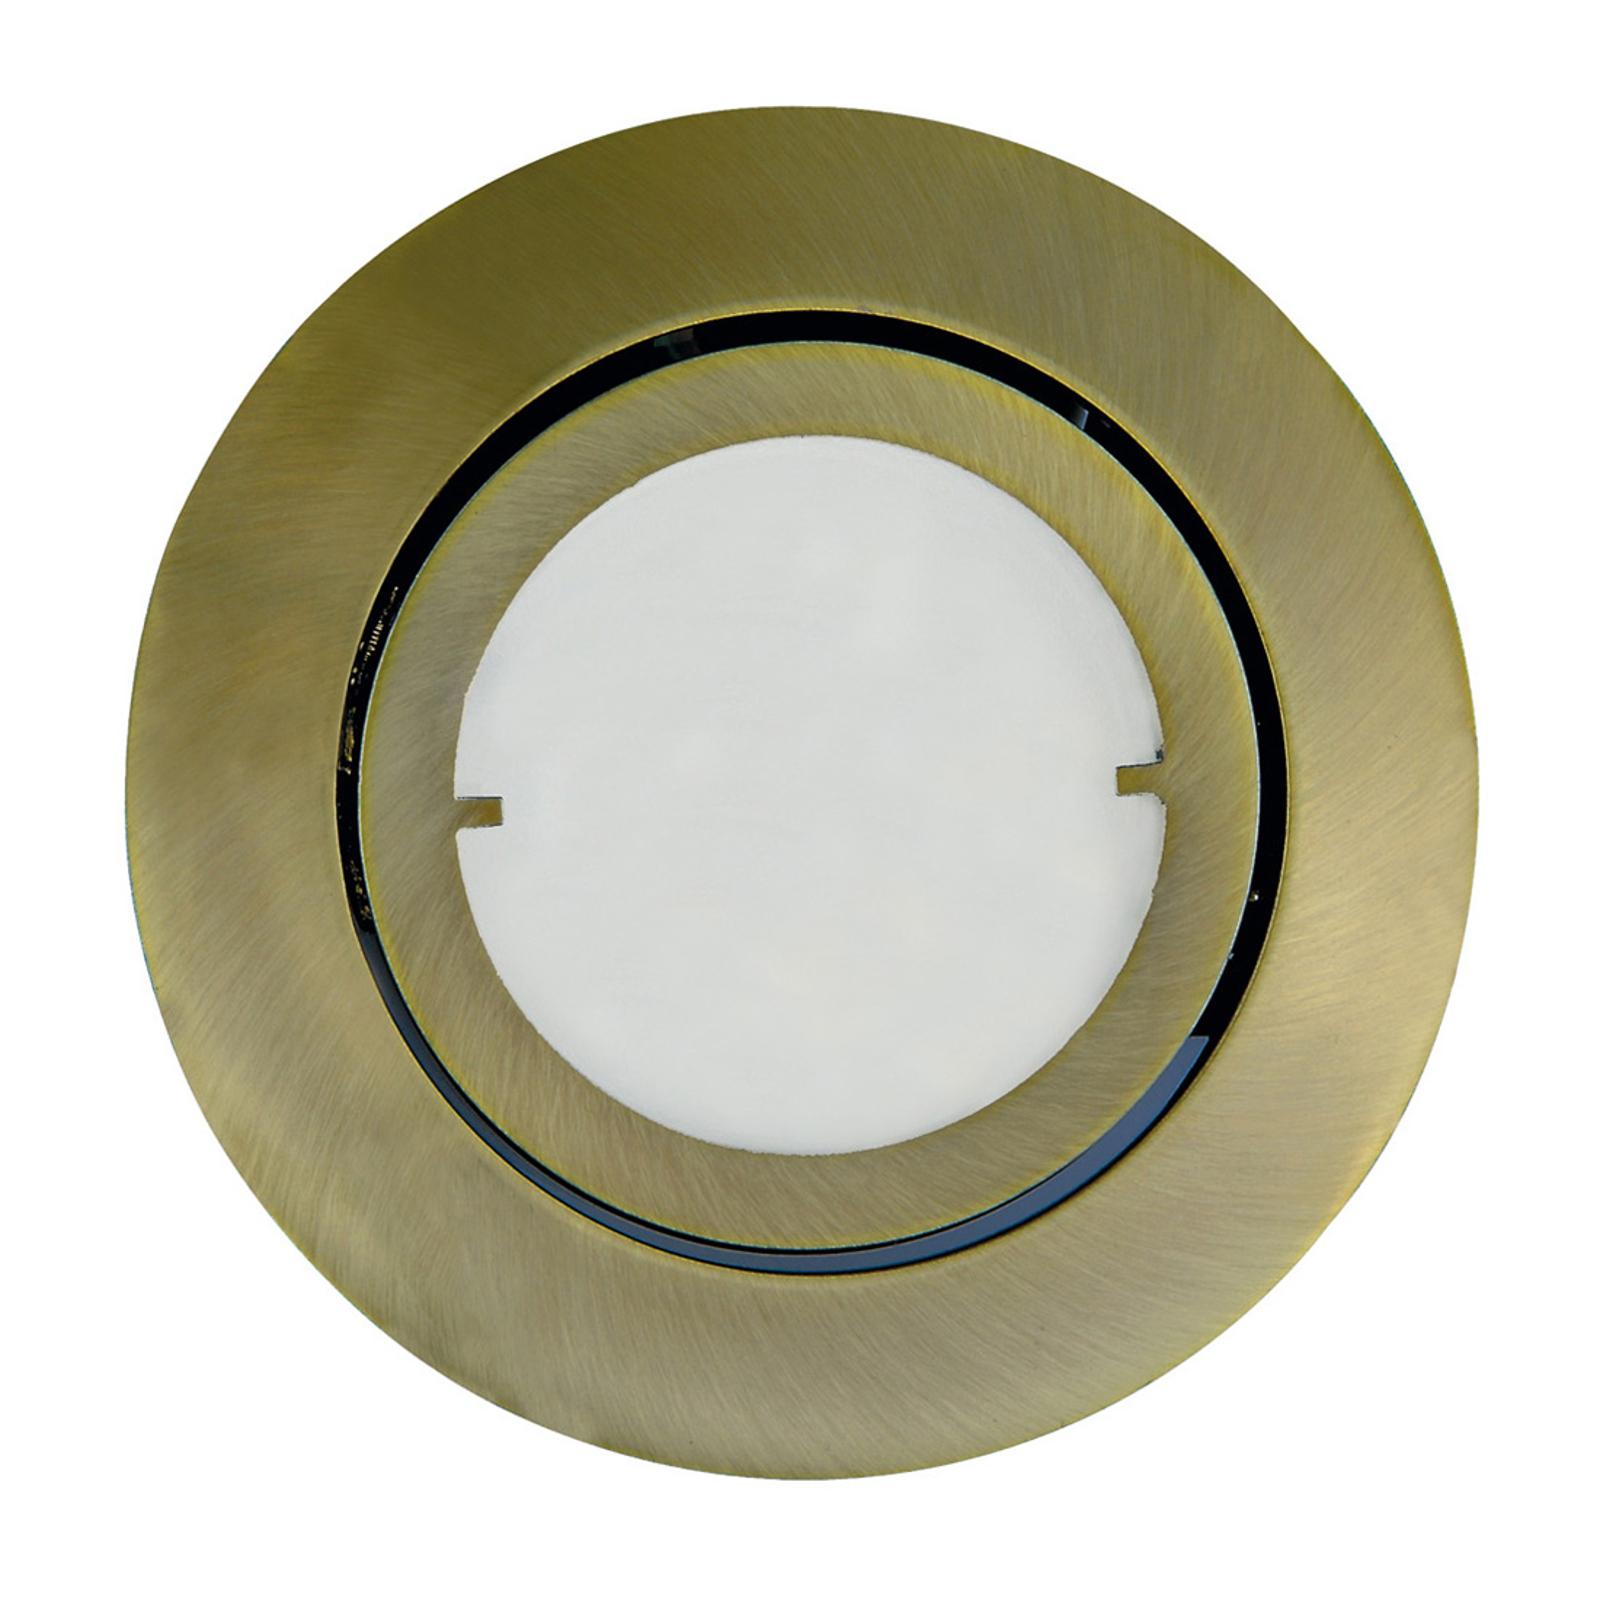 Joanie - LED-indbygningslampe, antik messing